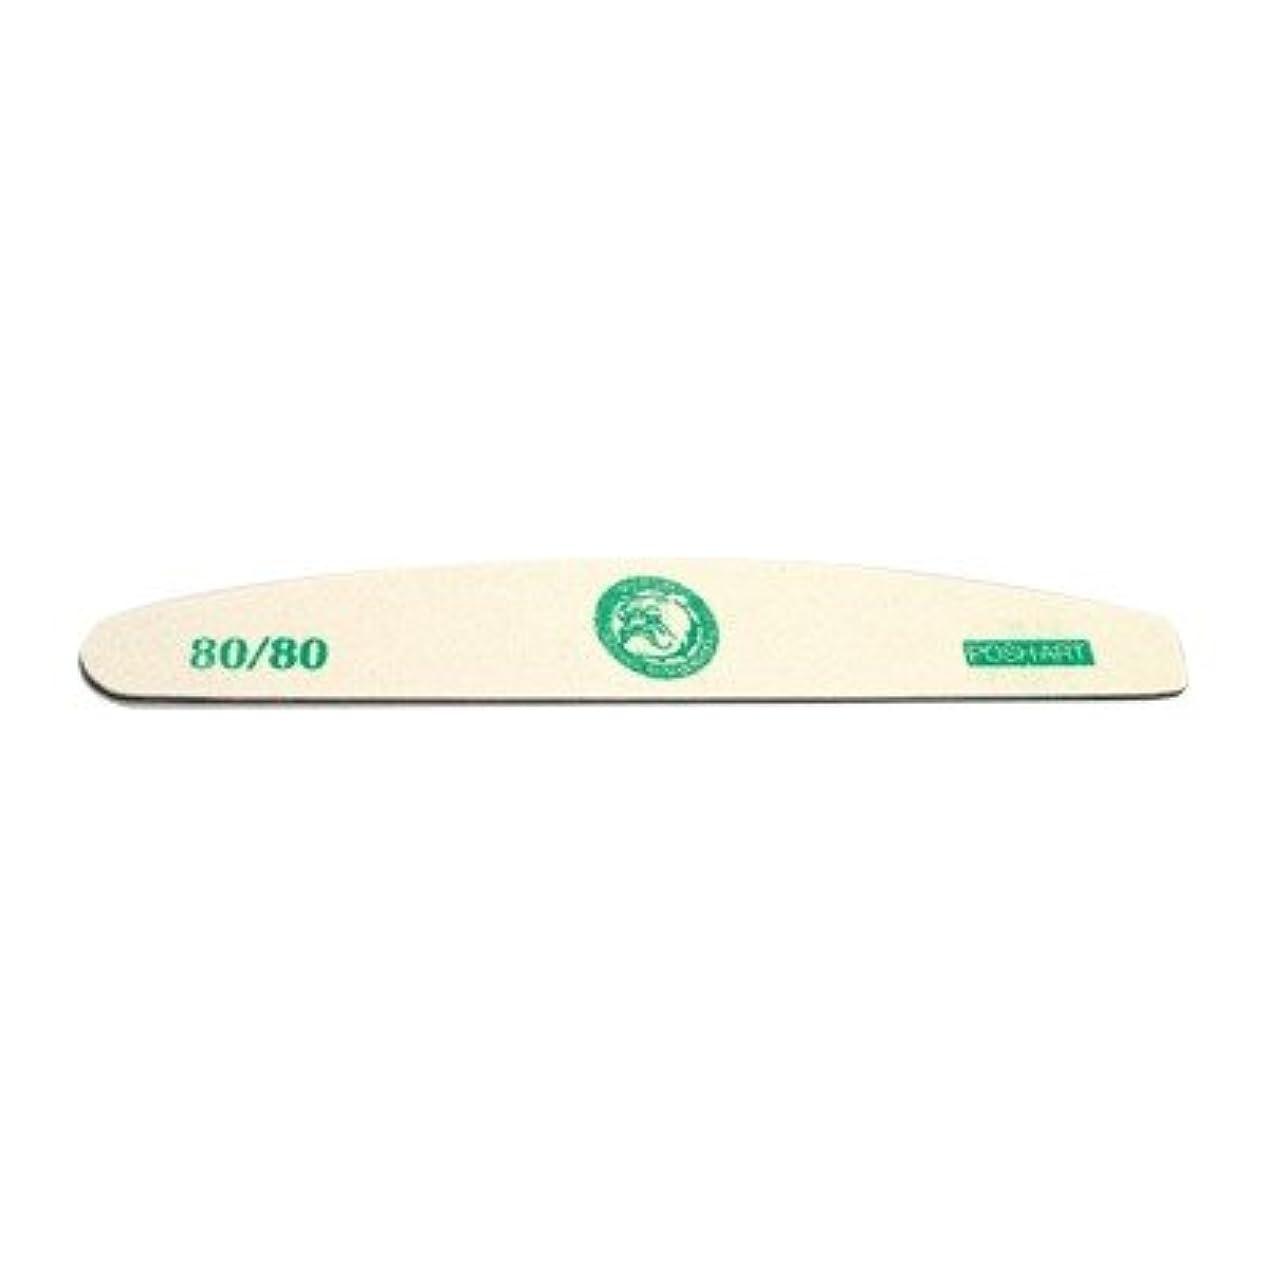 ギターミシン目ファーザーファージュPOSH ART ブルファイル 80/80G